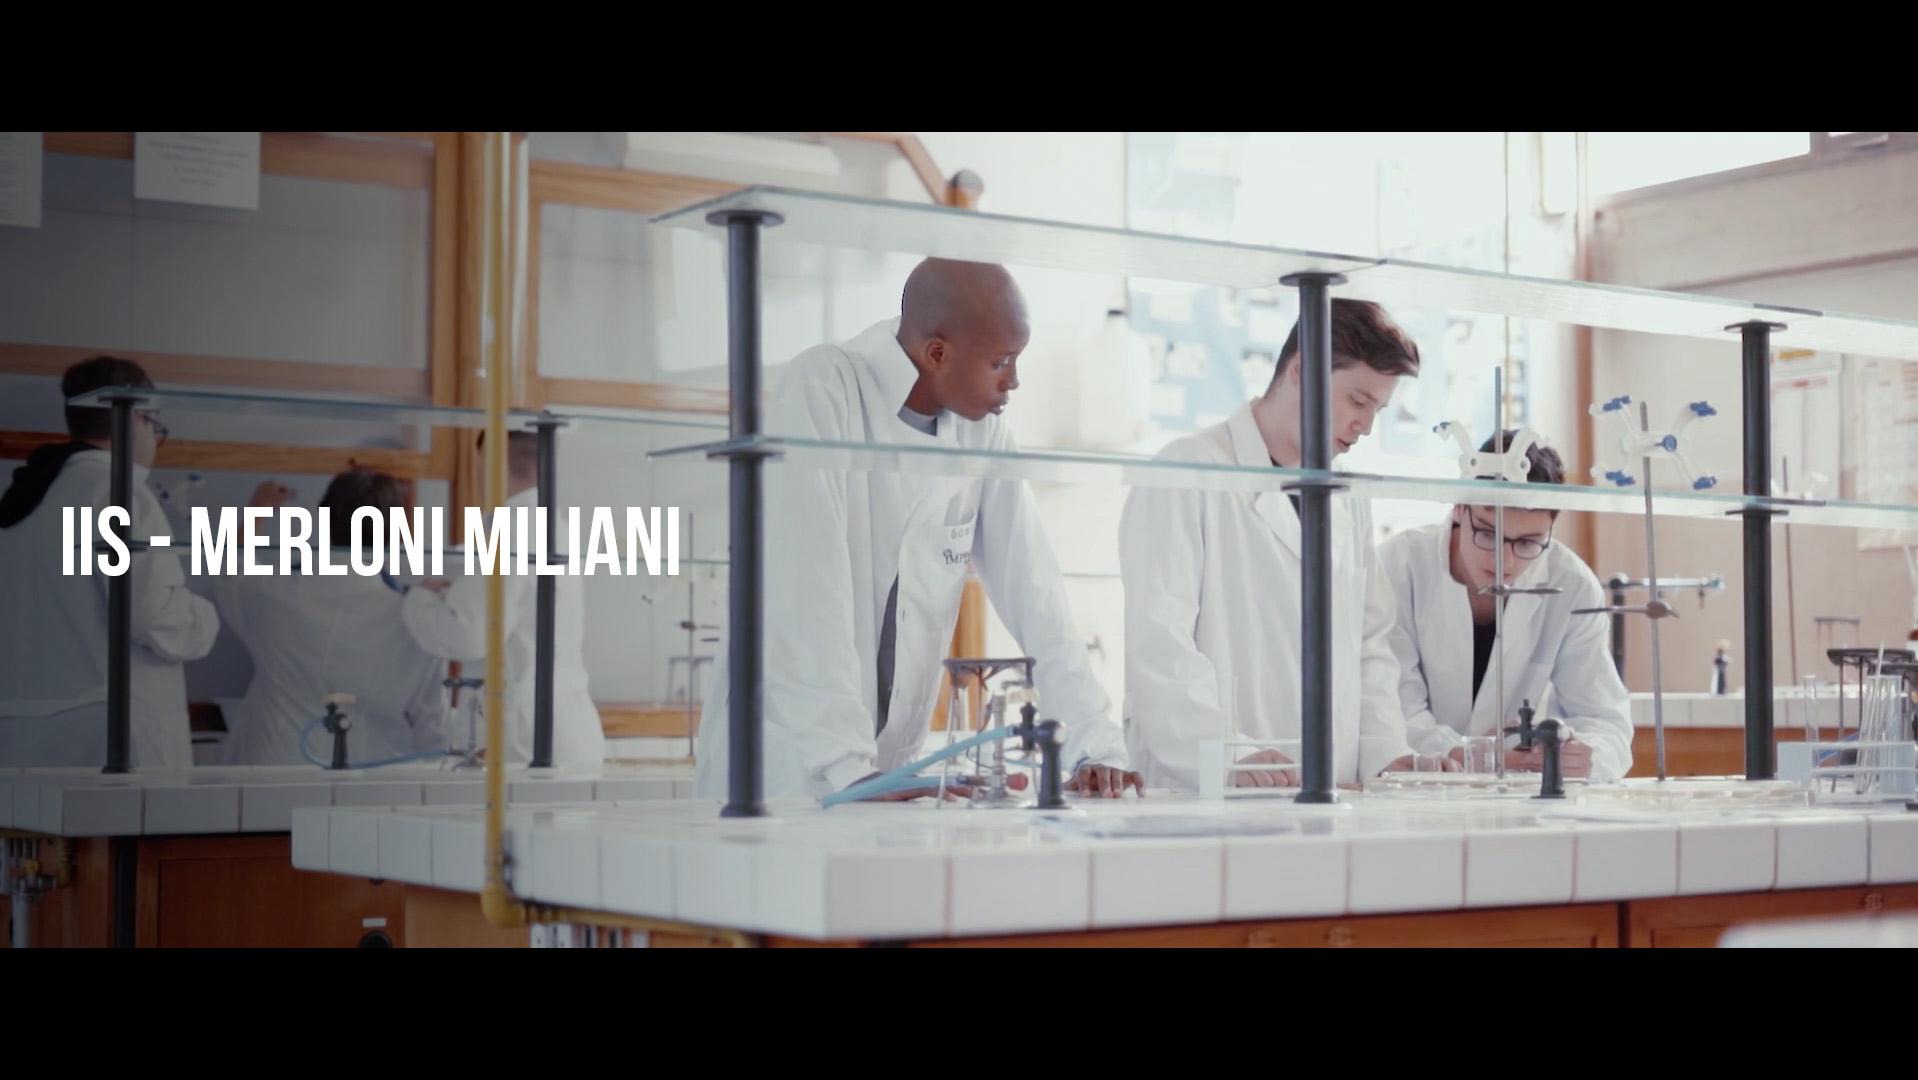 IIS Merloni Miliani